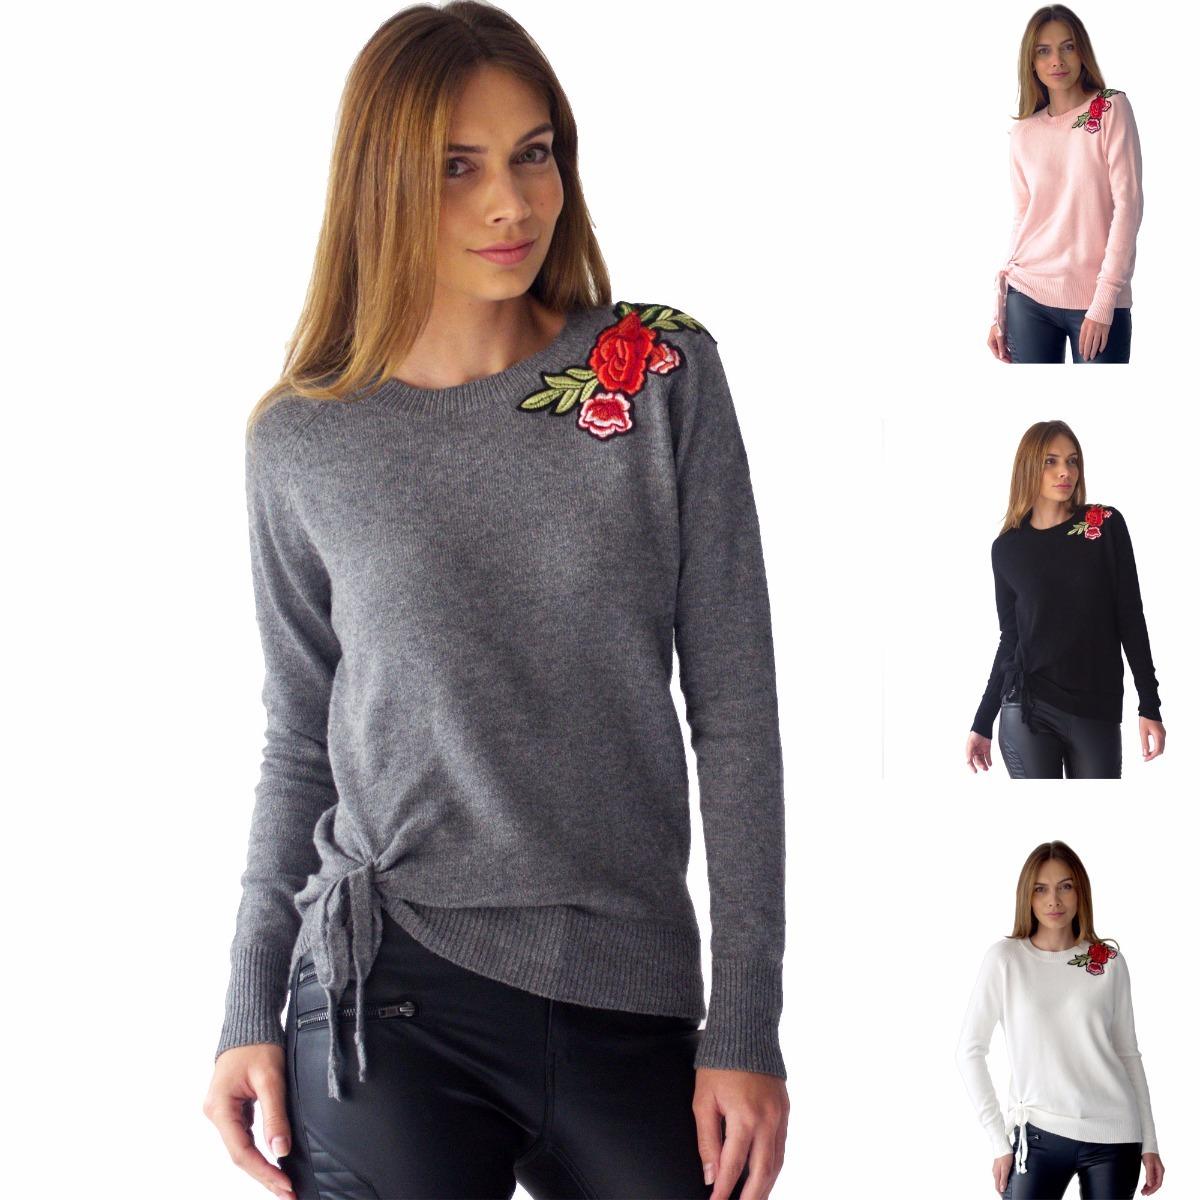 Suéter Mujer Detalle Flores Bordadas Rack & Pack - $ 719